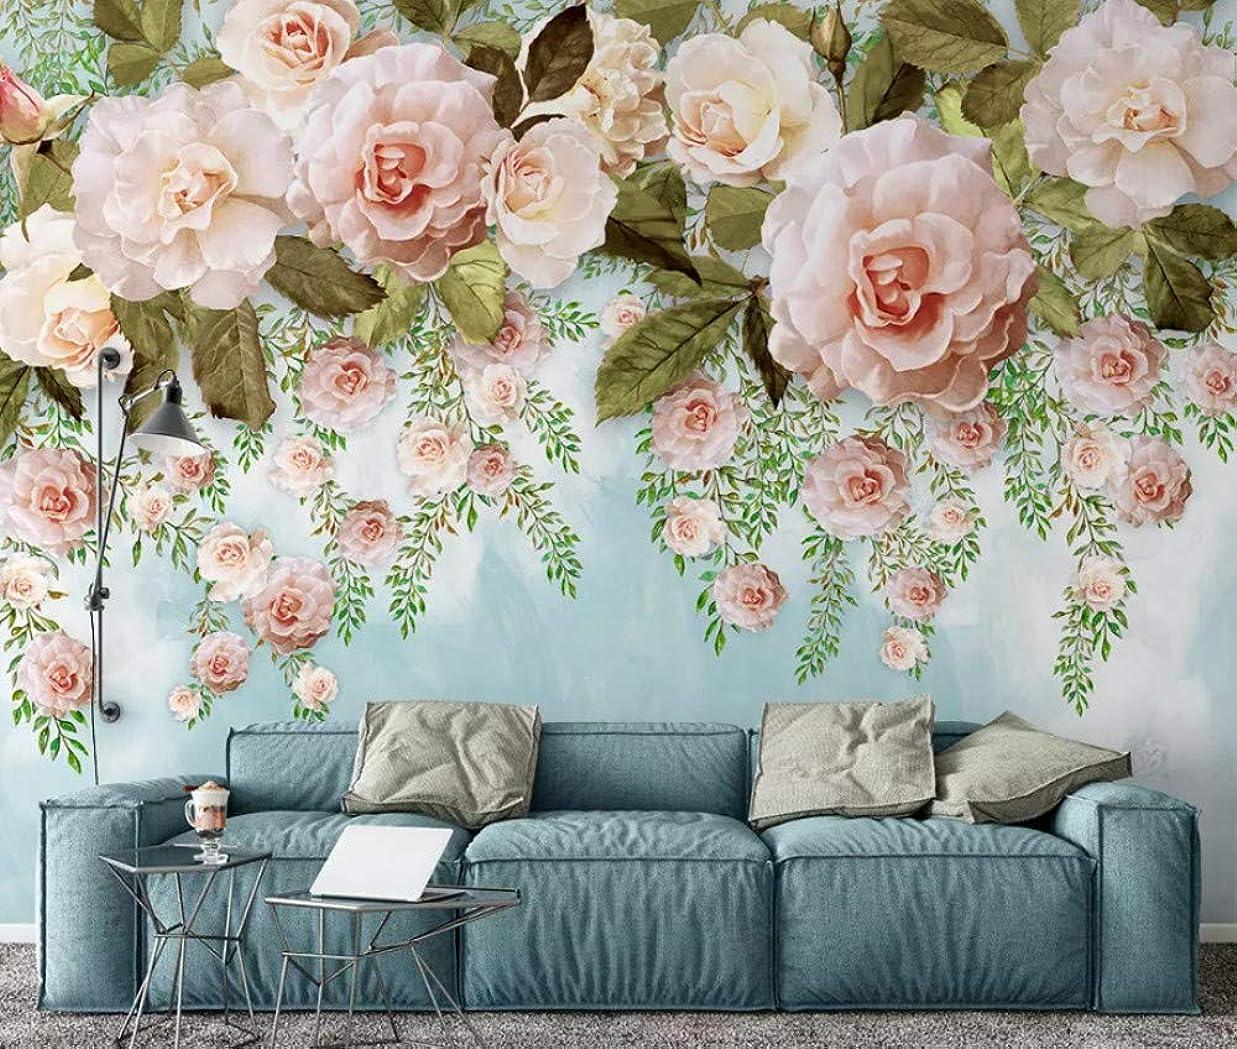 消化無法者推定Minyose 現代の3D壁紙手描きの油絵花柄ヨーロッパの3D背景の壁の装飾写真壁画の壁紙-200cmx140cm